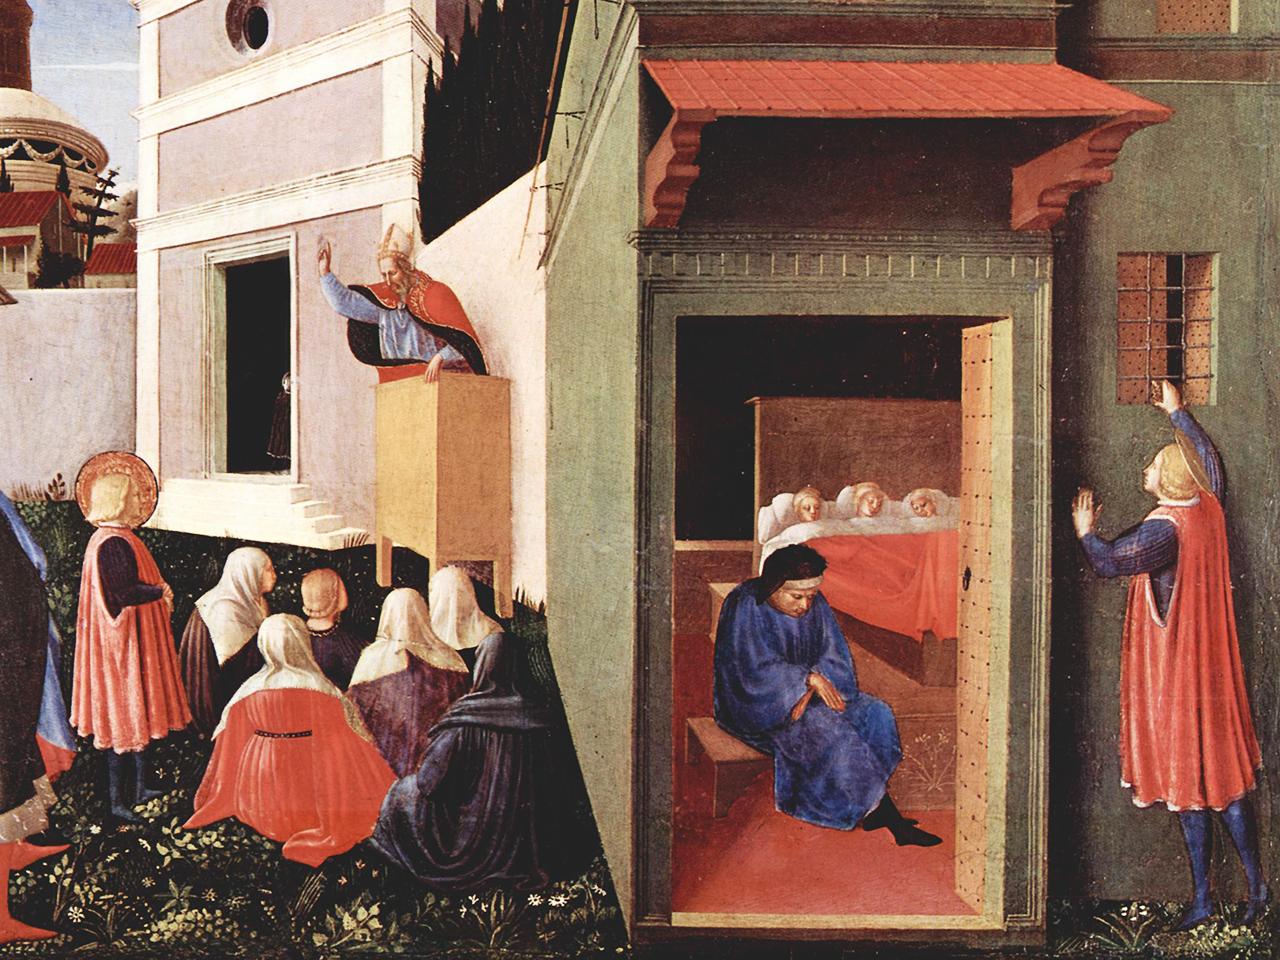 peinture de 1437 par Fra Angelico